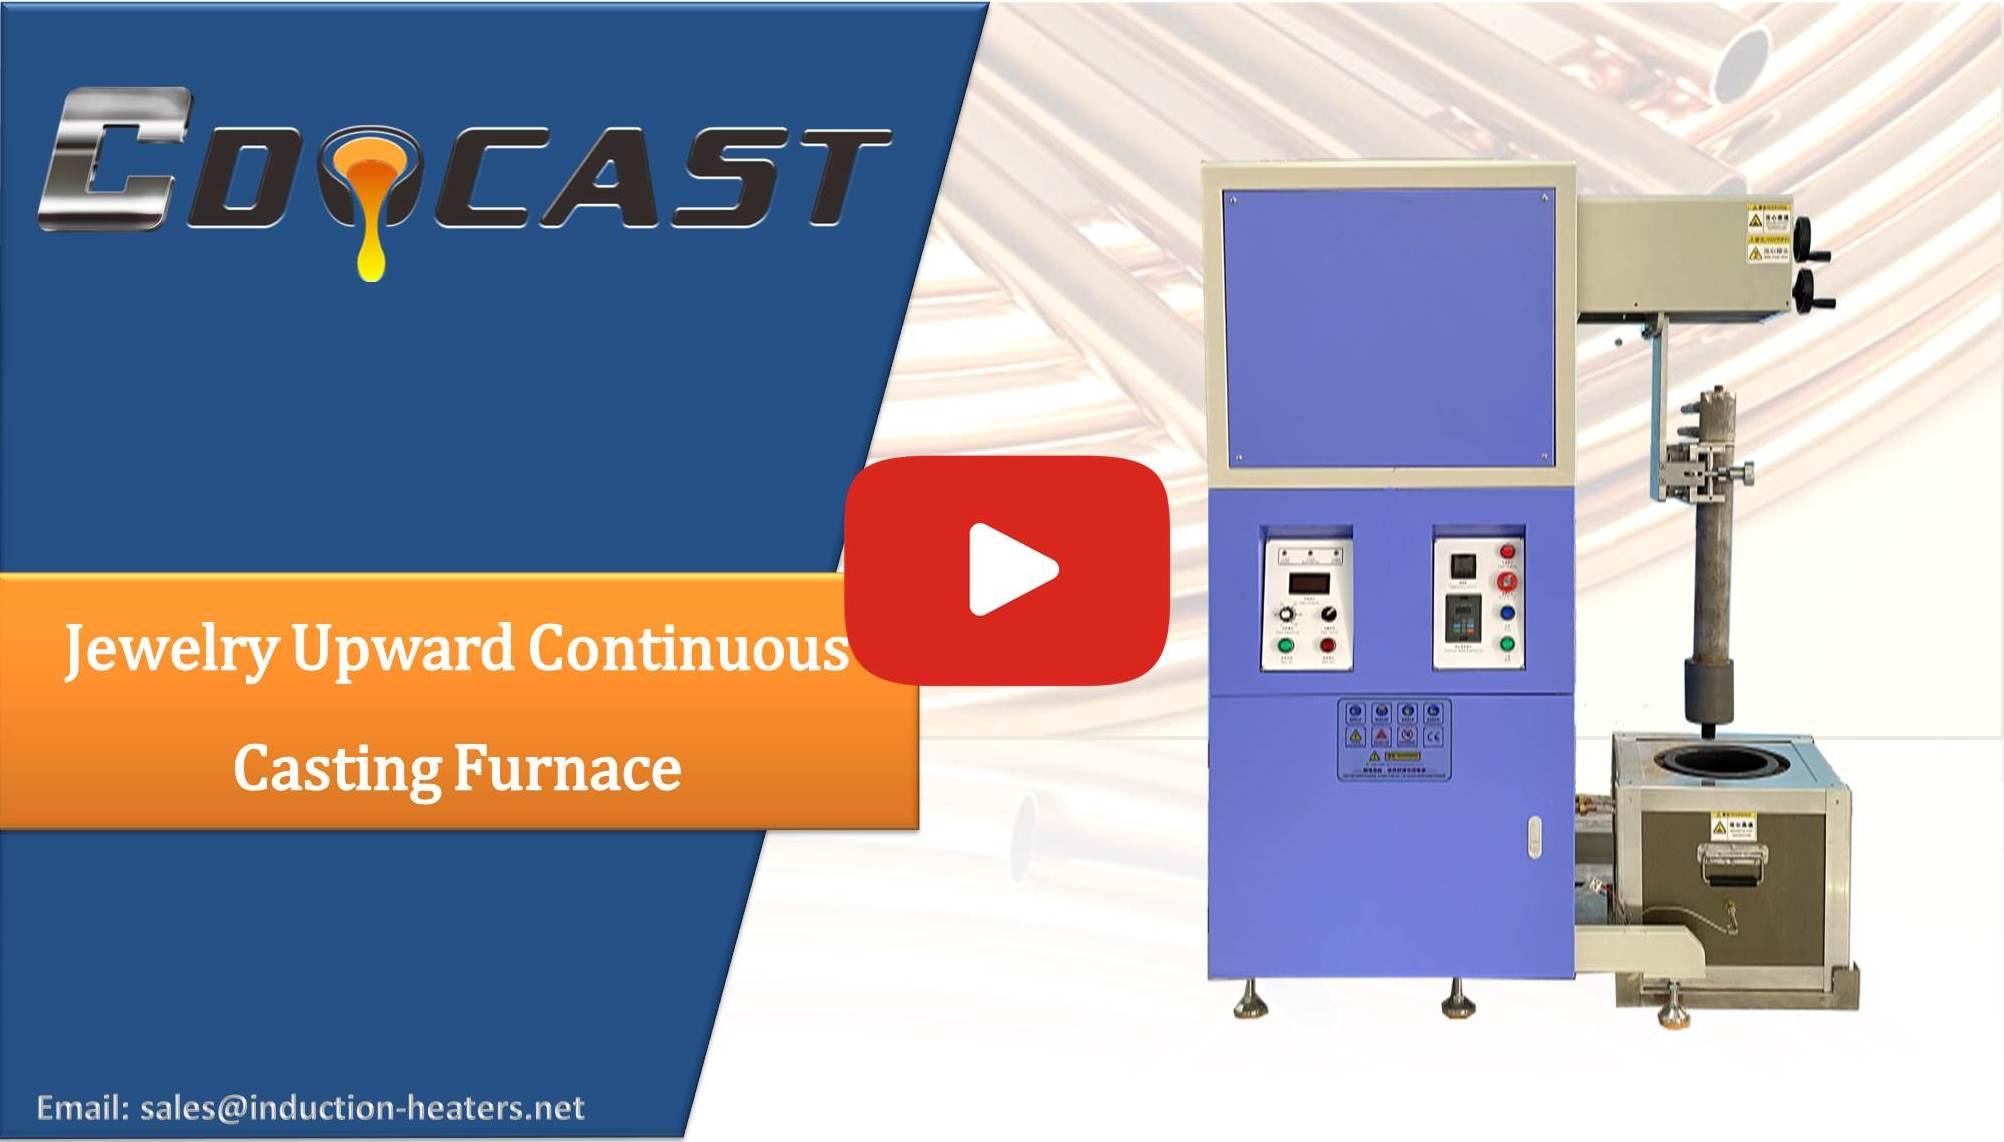 upward continuous casting equipment